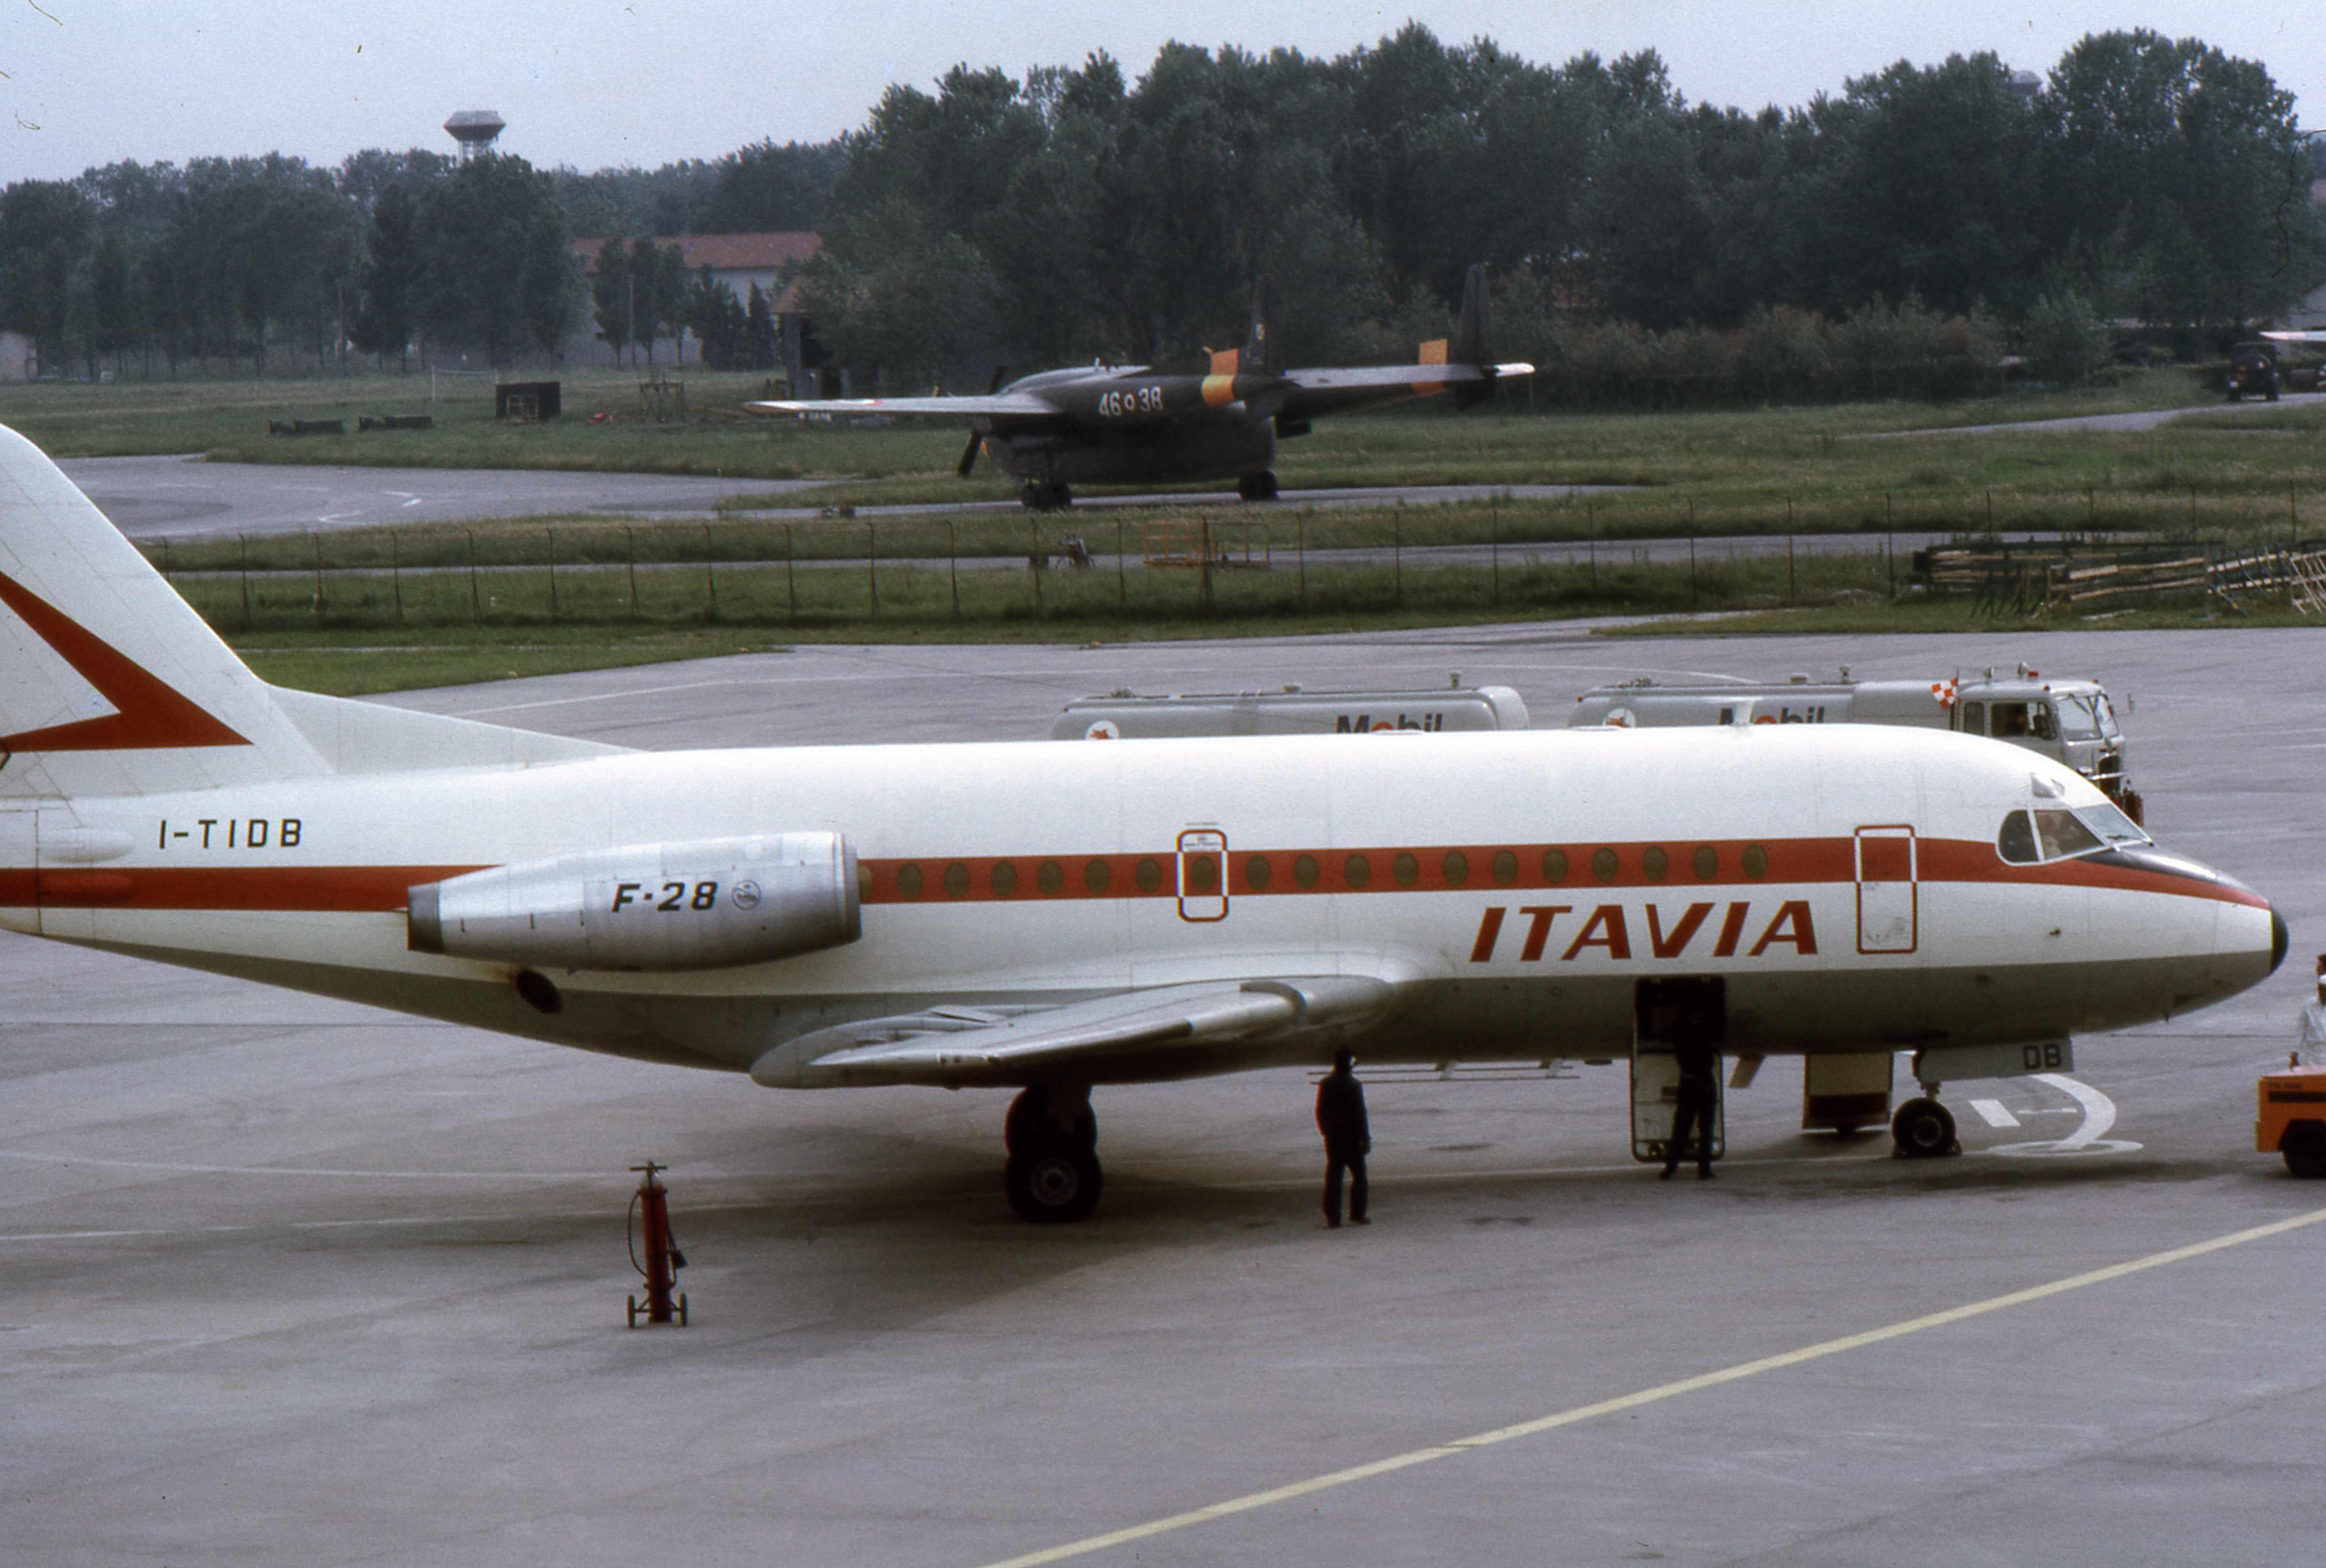 File Itavia F28 I Tidb Jpg Wikimedia Commons